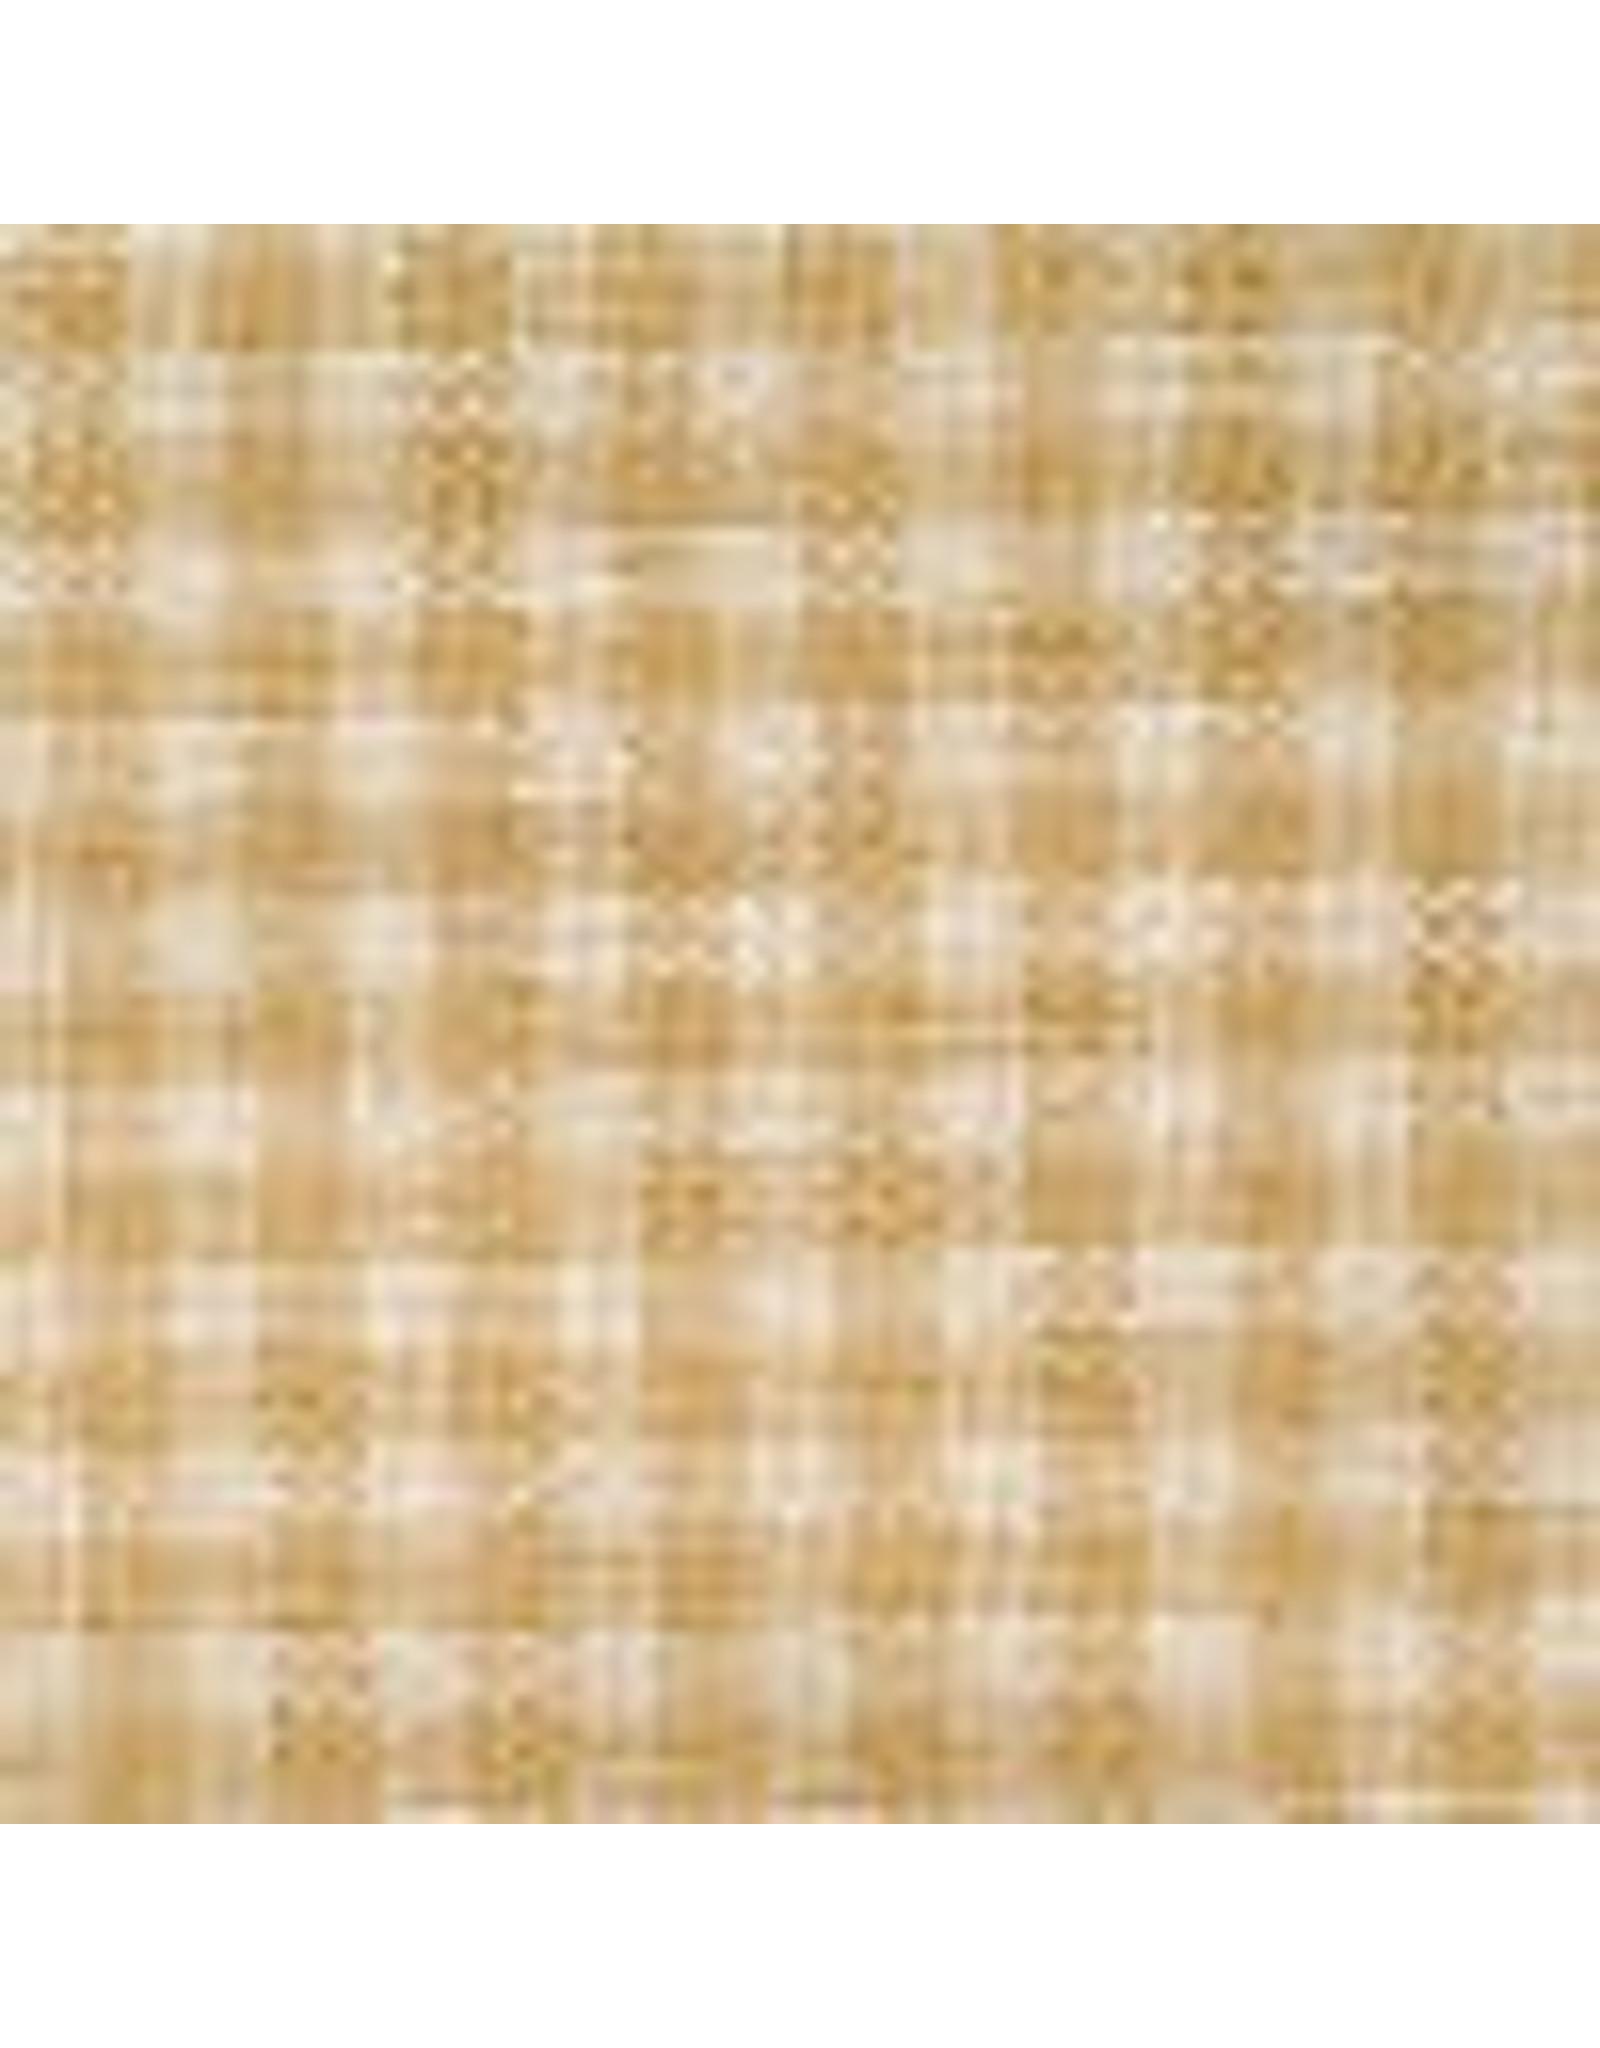 Yd. Wheat and Cream mini check fabric #83